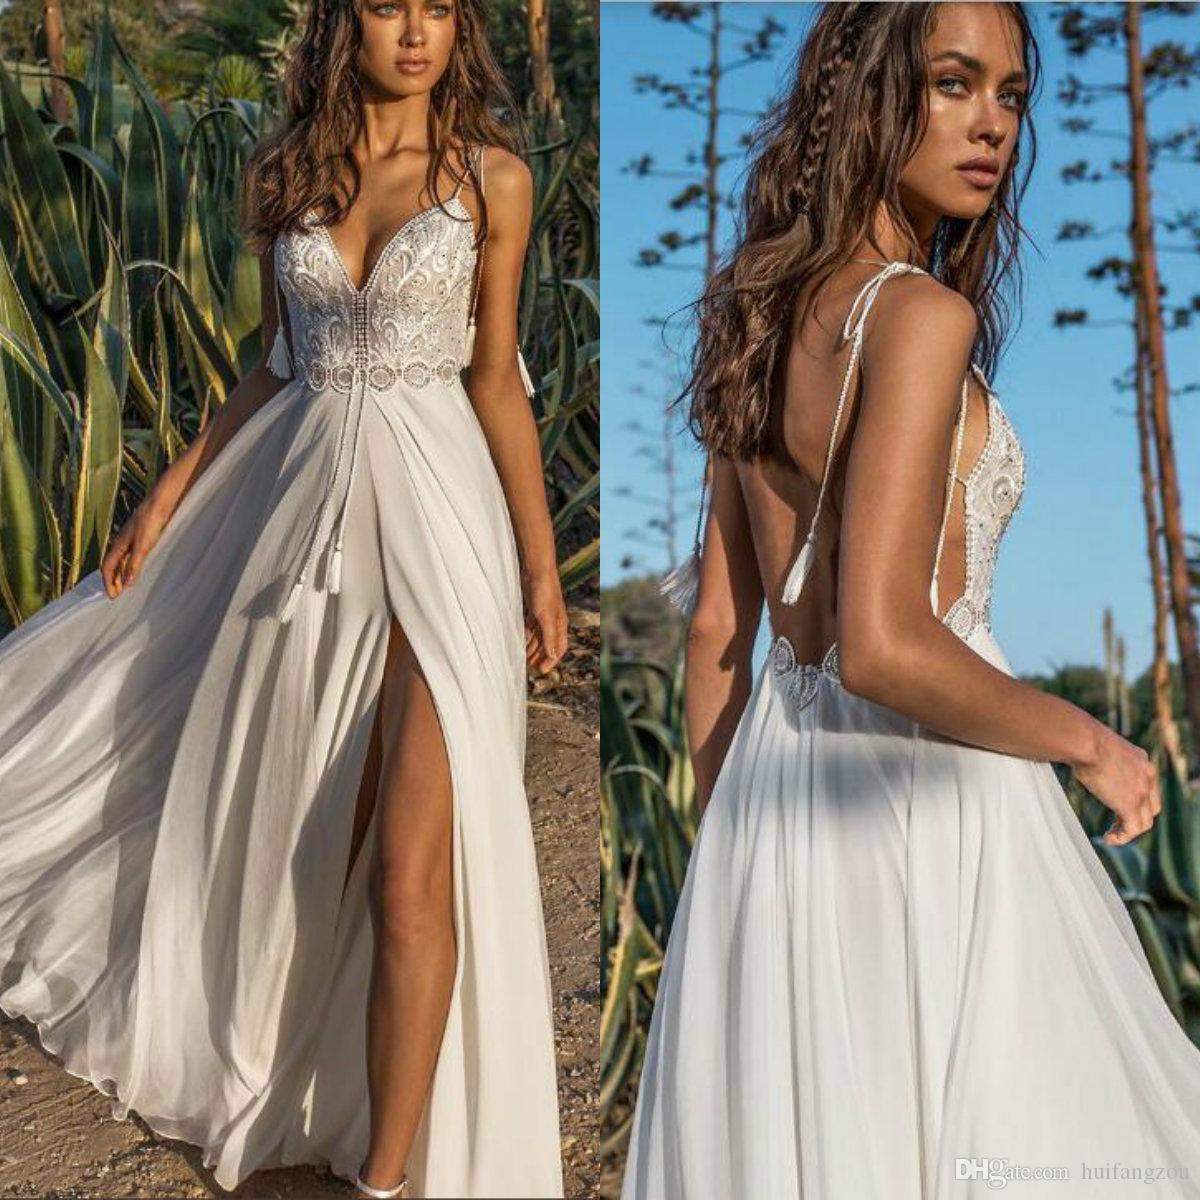 4a4953dfb0 Discount Asaf Dadush 2019 Beach Wedding Dress Lace Spaghetti Straps Side  Split Chiffon Bridal Gowns Summer Boho Backless Wedding Dresses Custom Made  Wedding ...